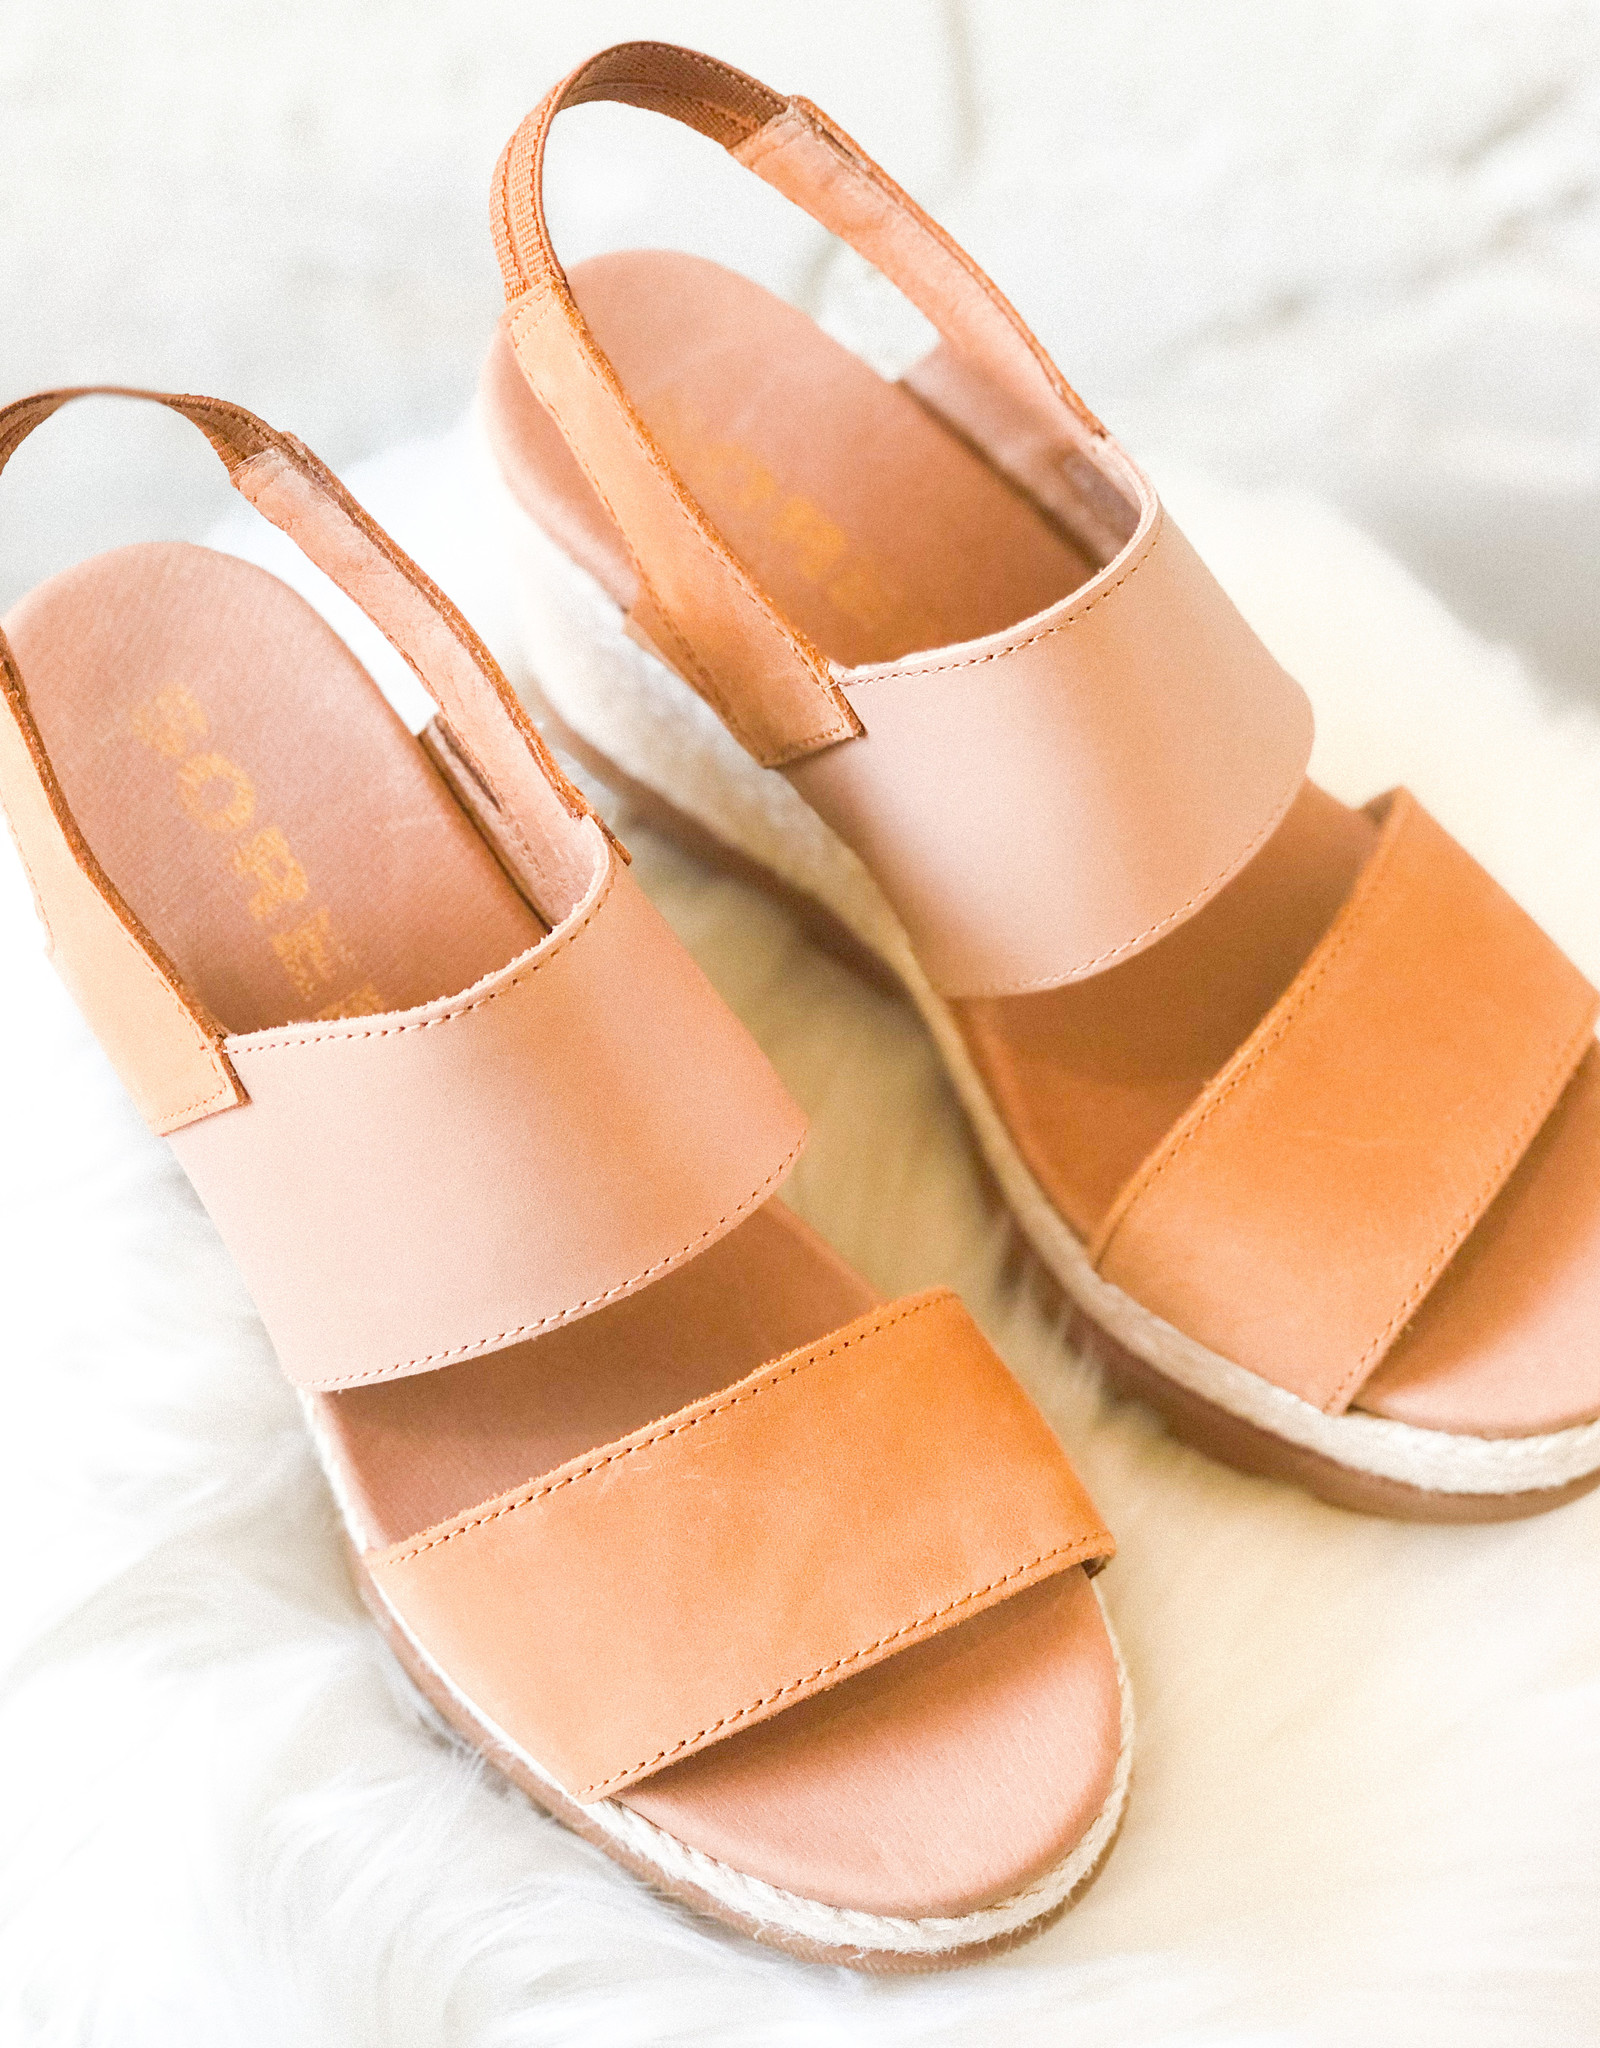 Sorel Joanie II Slingback Wedge Sandal